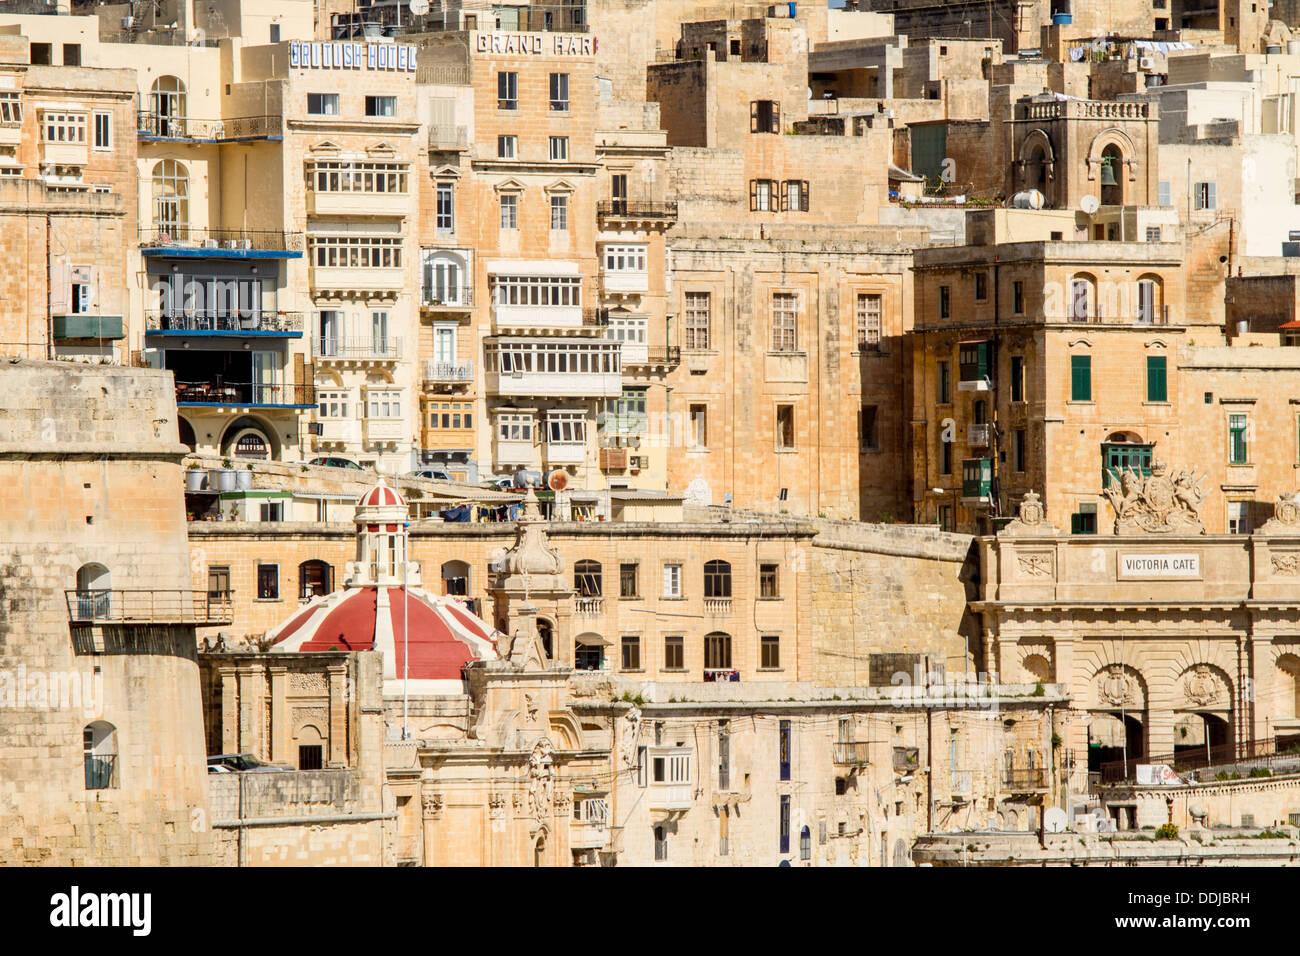 Valletta viewed from Senglea, Malta. - Stock Image